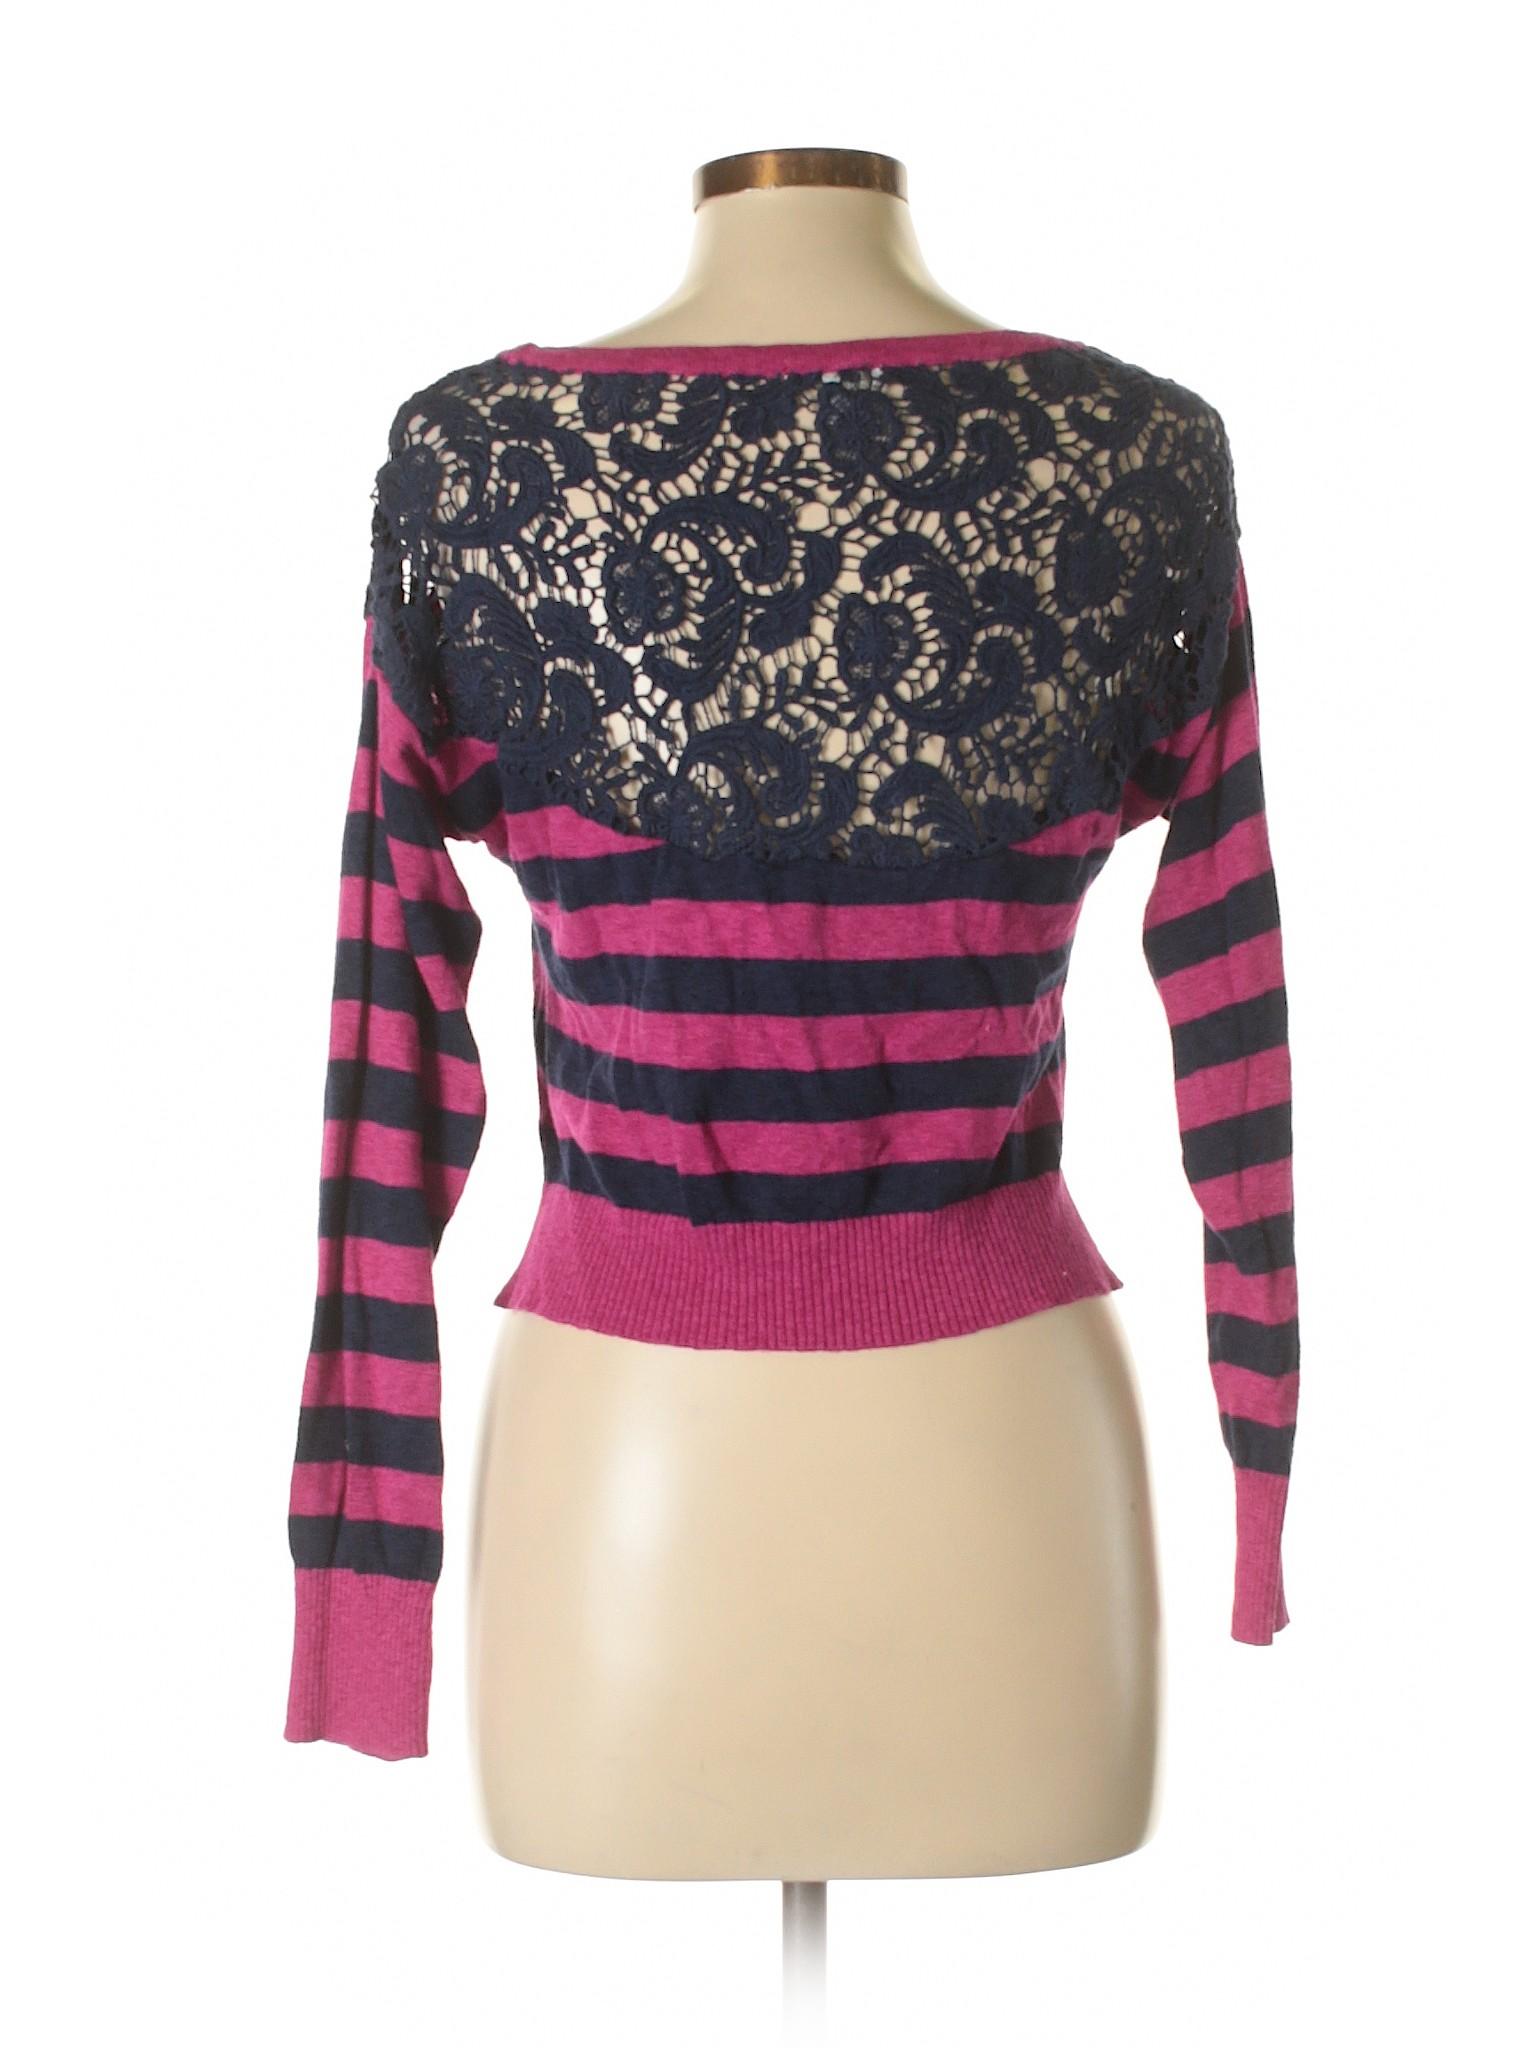 Boutique Delia Boutique winter winter Sweater Delia winter Sweater Pullover Pullover Sweater Boutique Delia Boutique Pullover 1ZXp7q